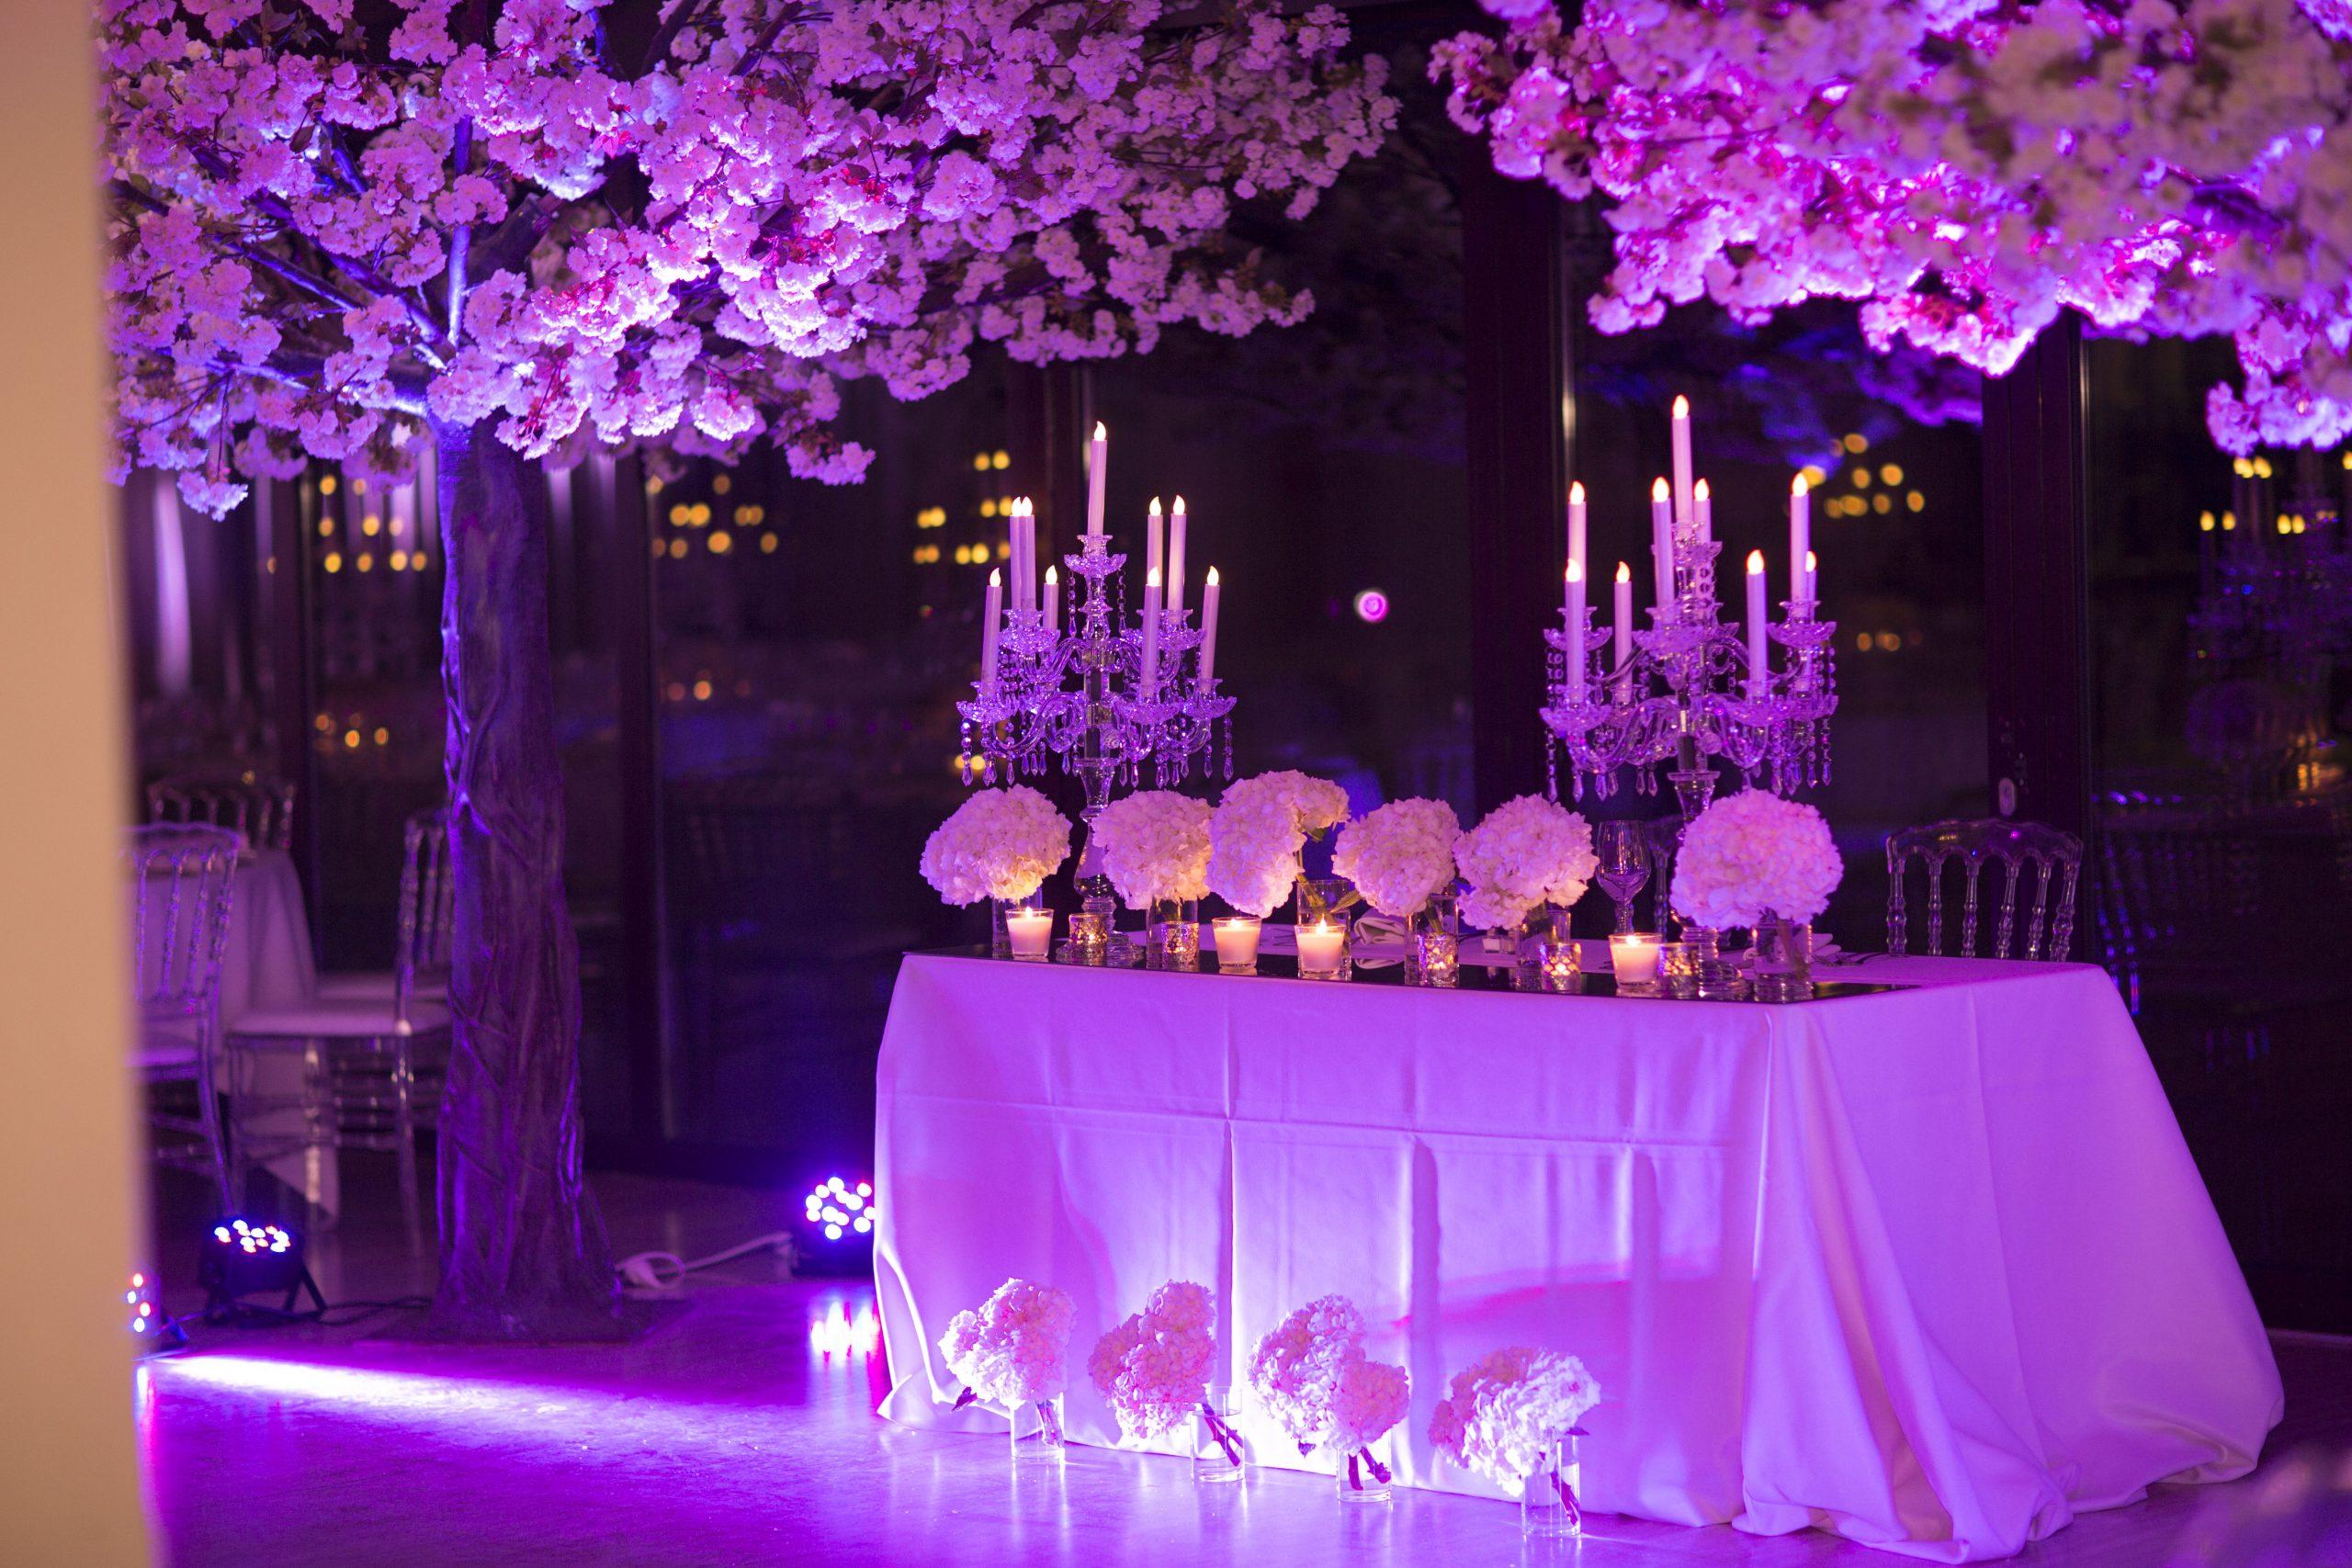 photographie-de-mariage-decoration-haut-de-gamme